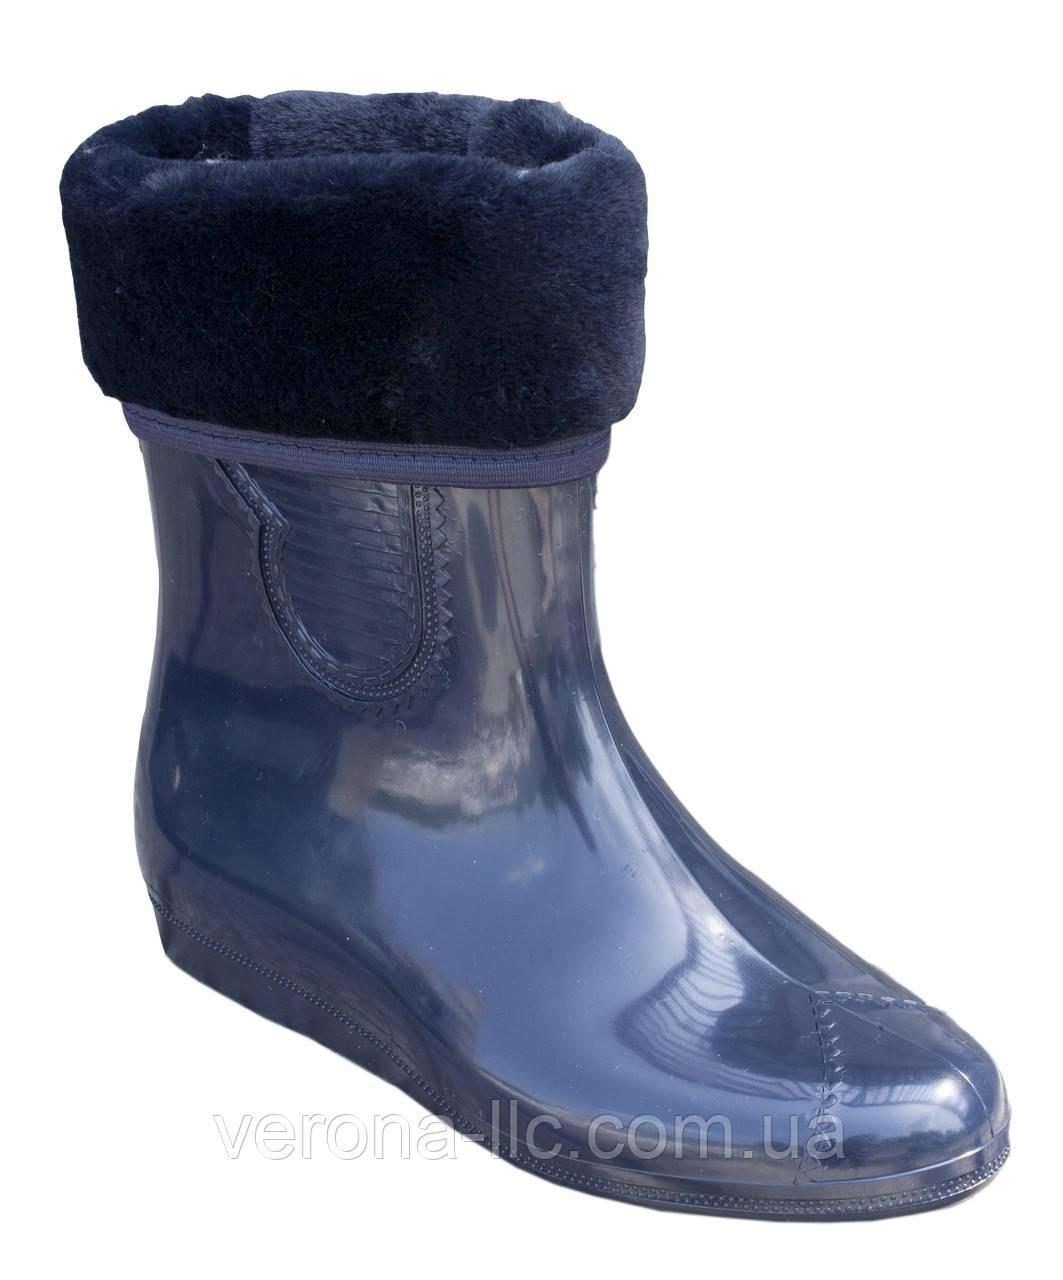 bd475f9b0 Сапоги резиновые женские силиконовые синие с мехом - Производство обуви